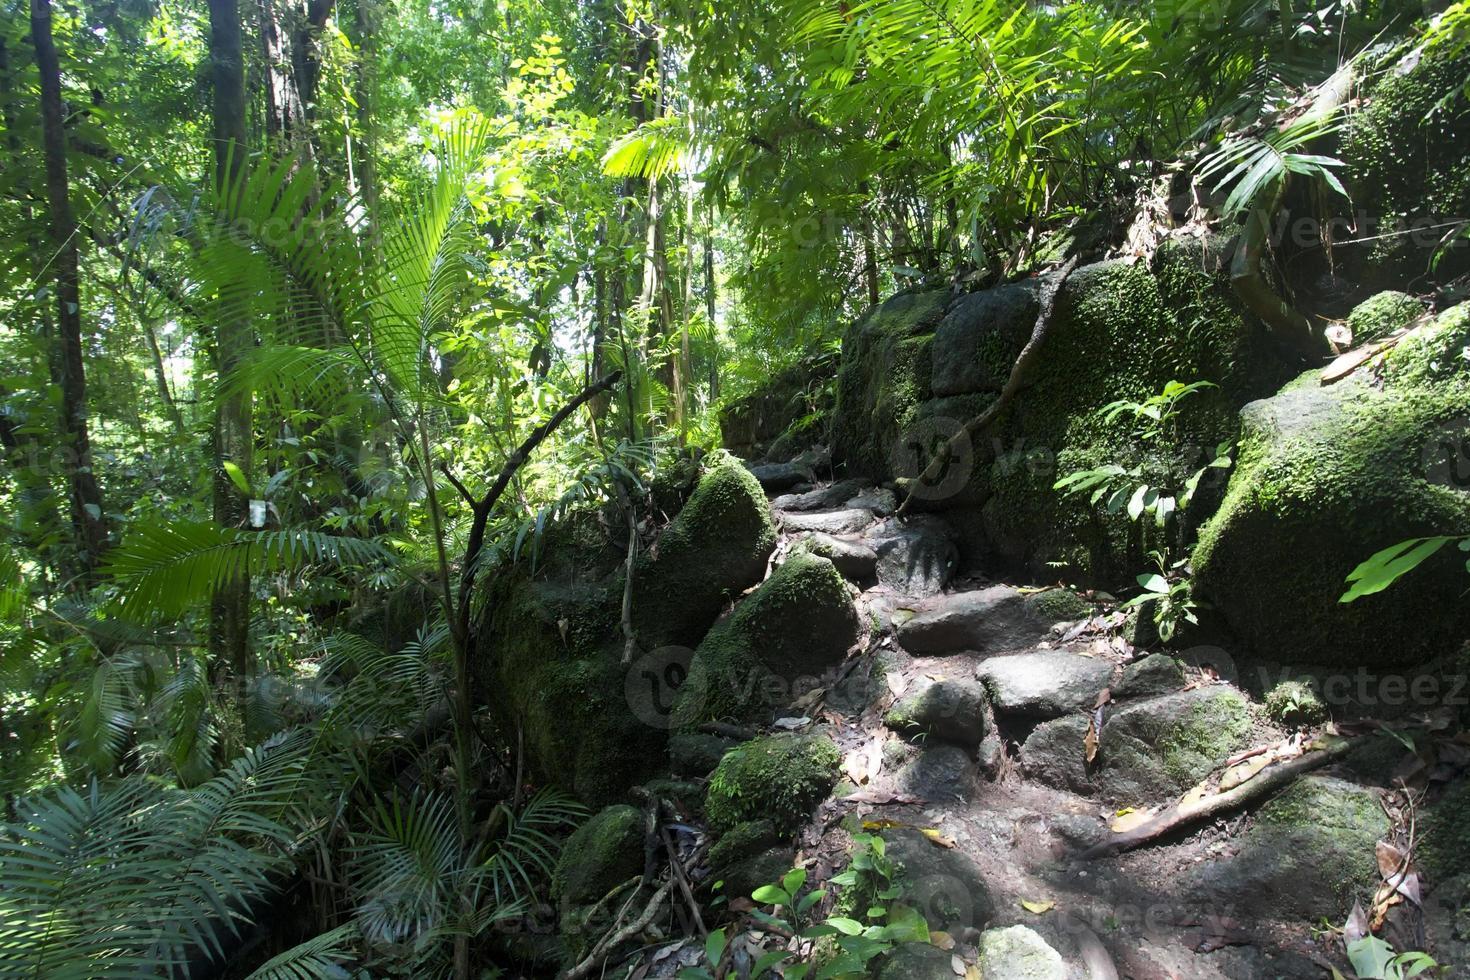 foresta pluviale al parco nazionale di daintree della gola del muschio foto